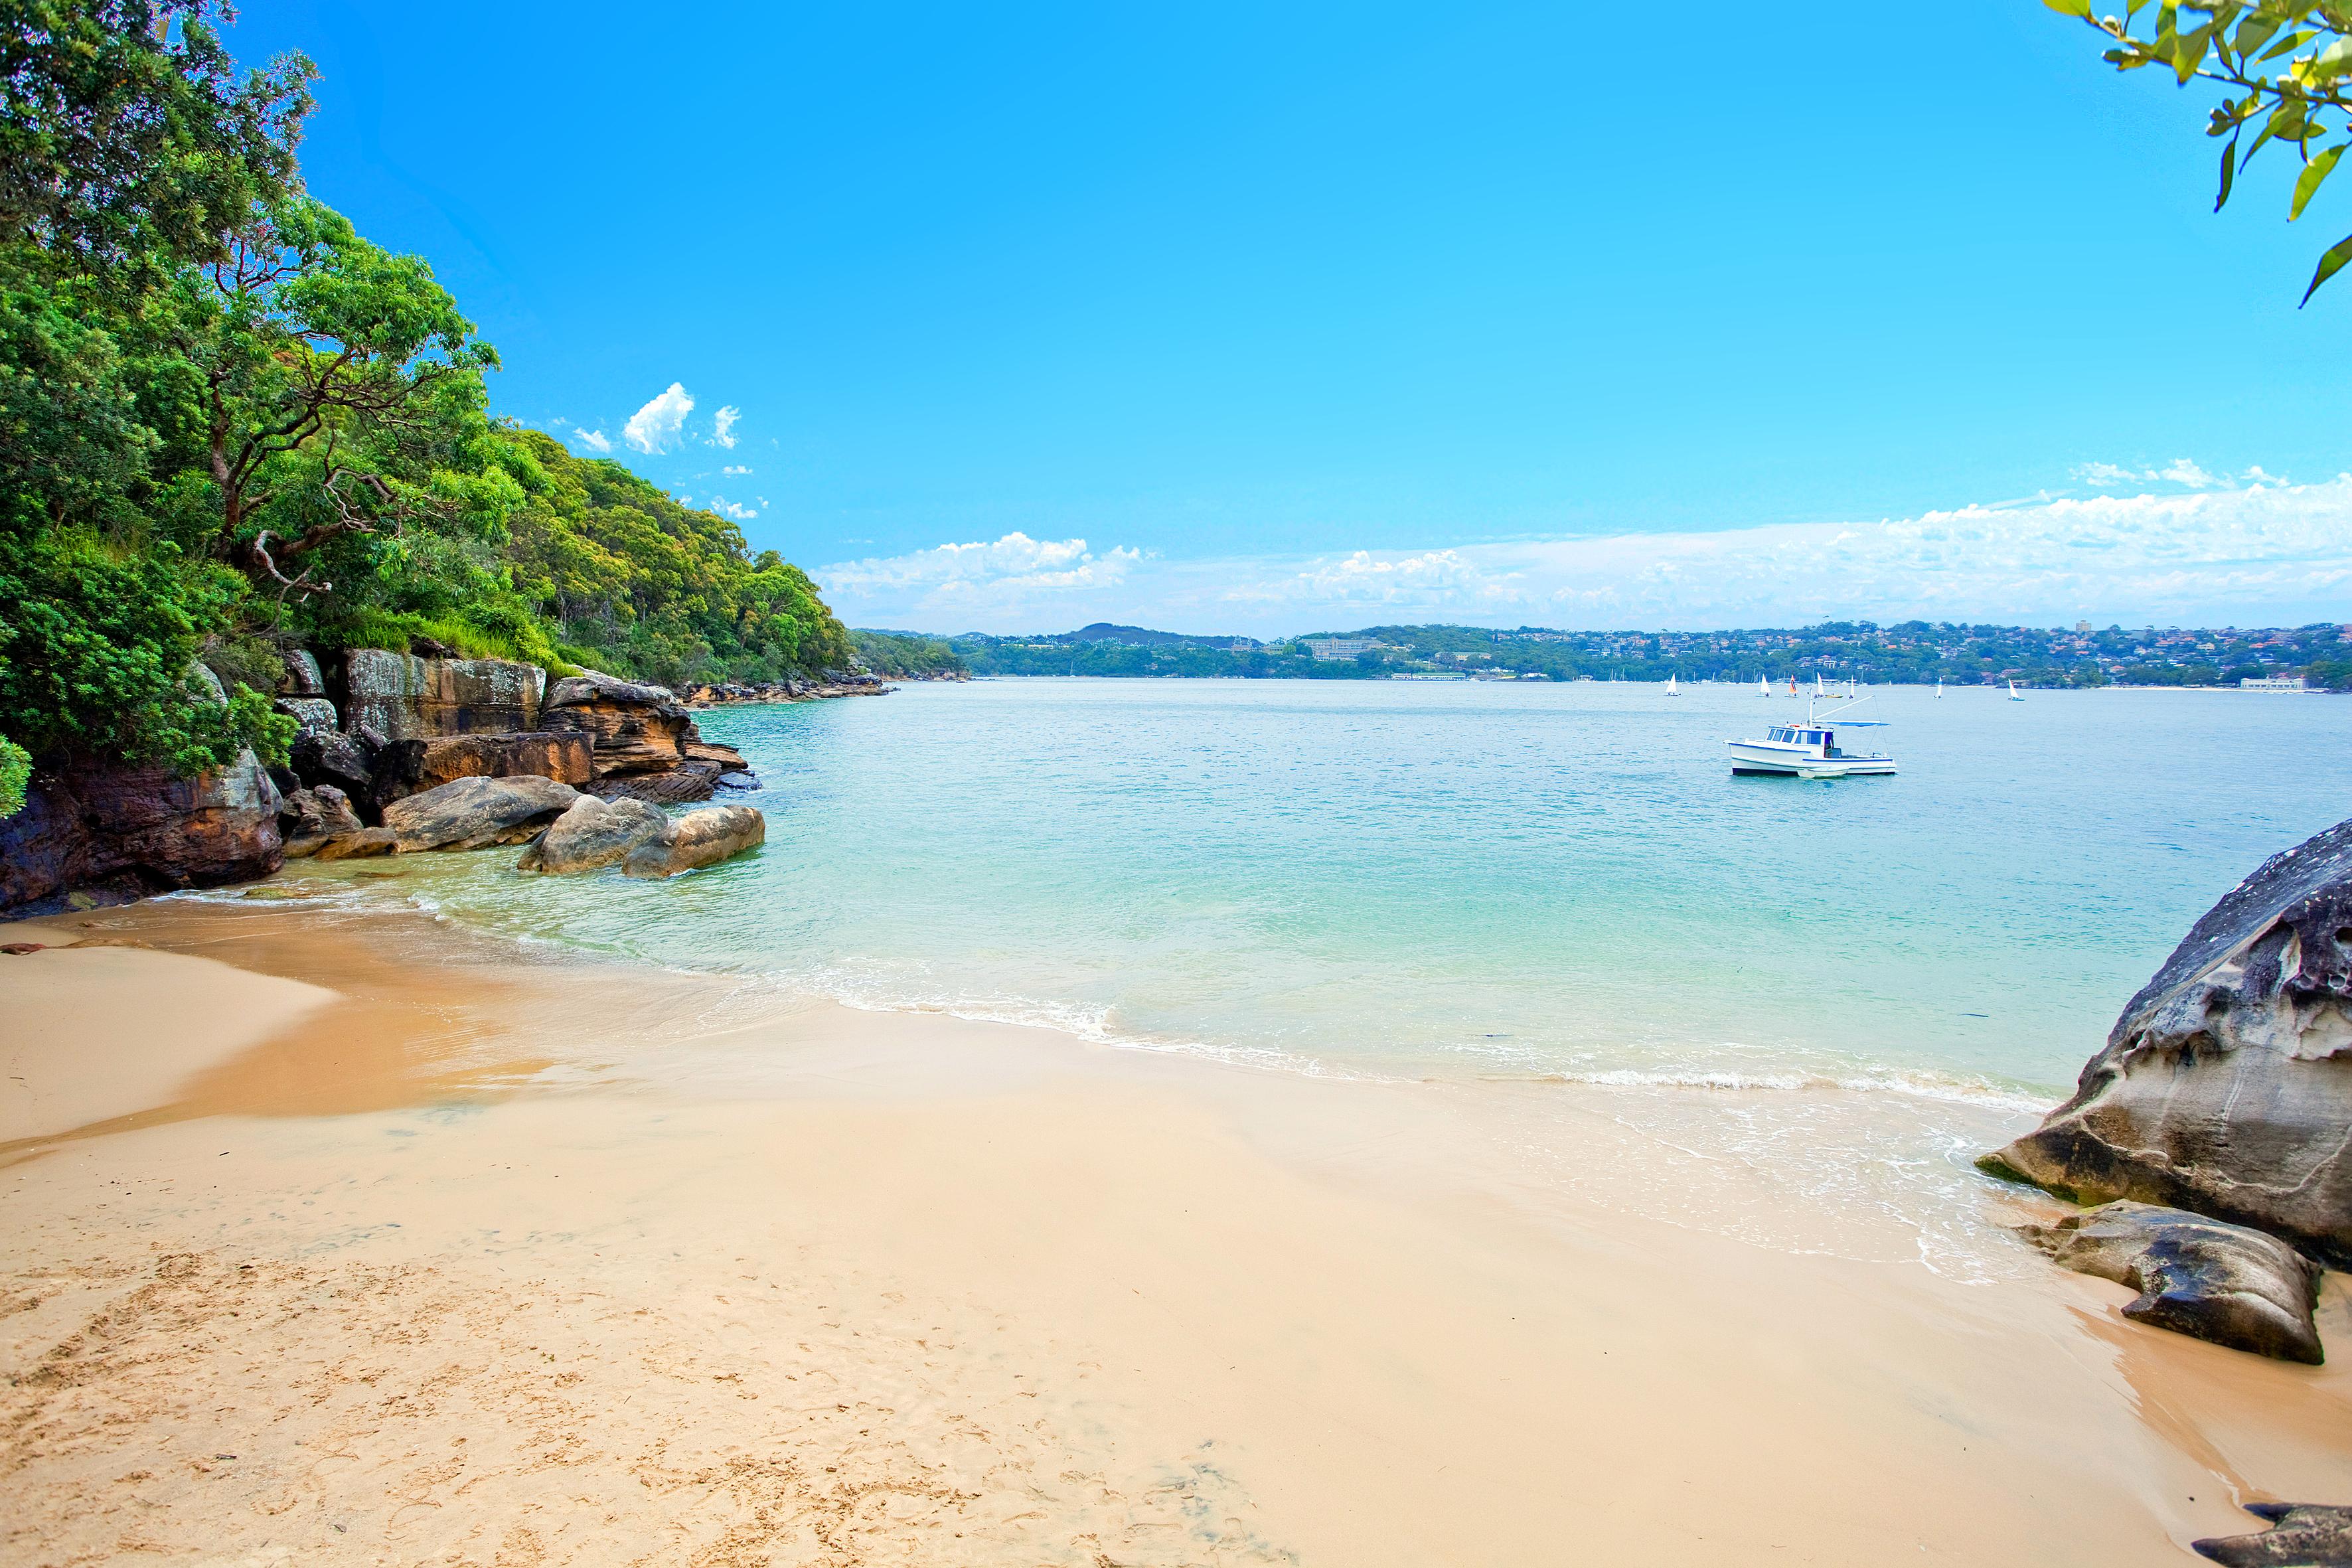 море, пляж, лодка